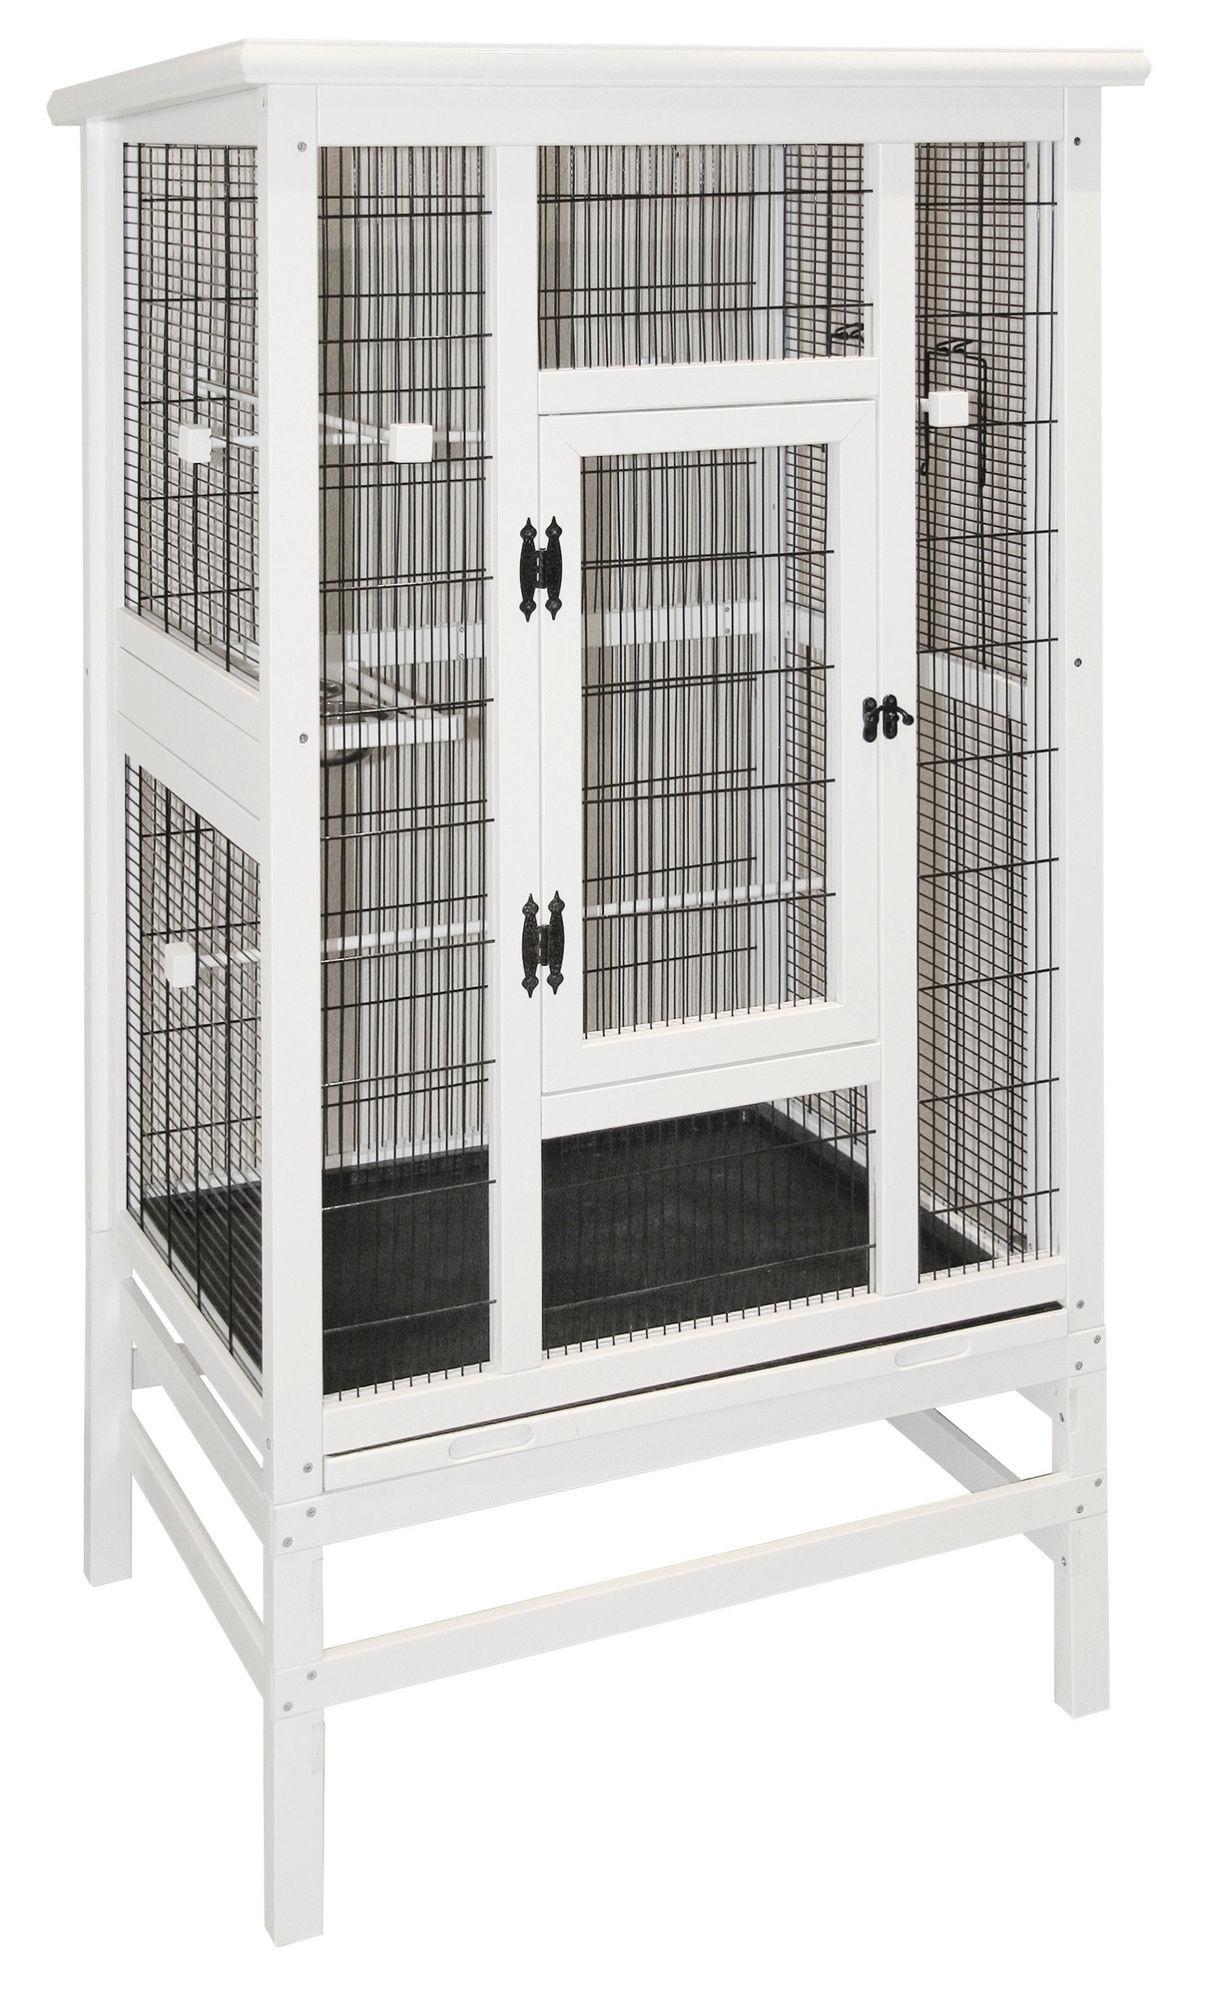 Vogelvoliere aus Holz 82 x 67 x 151 cm